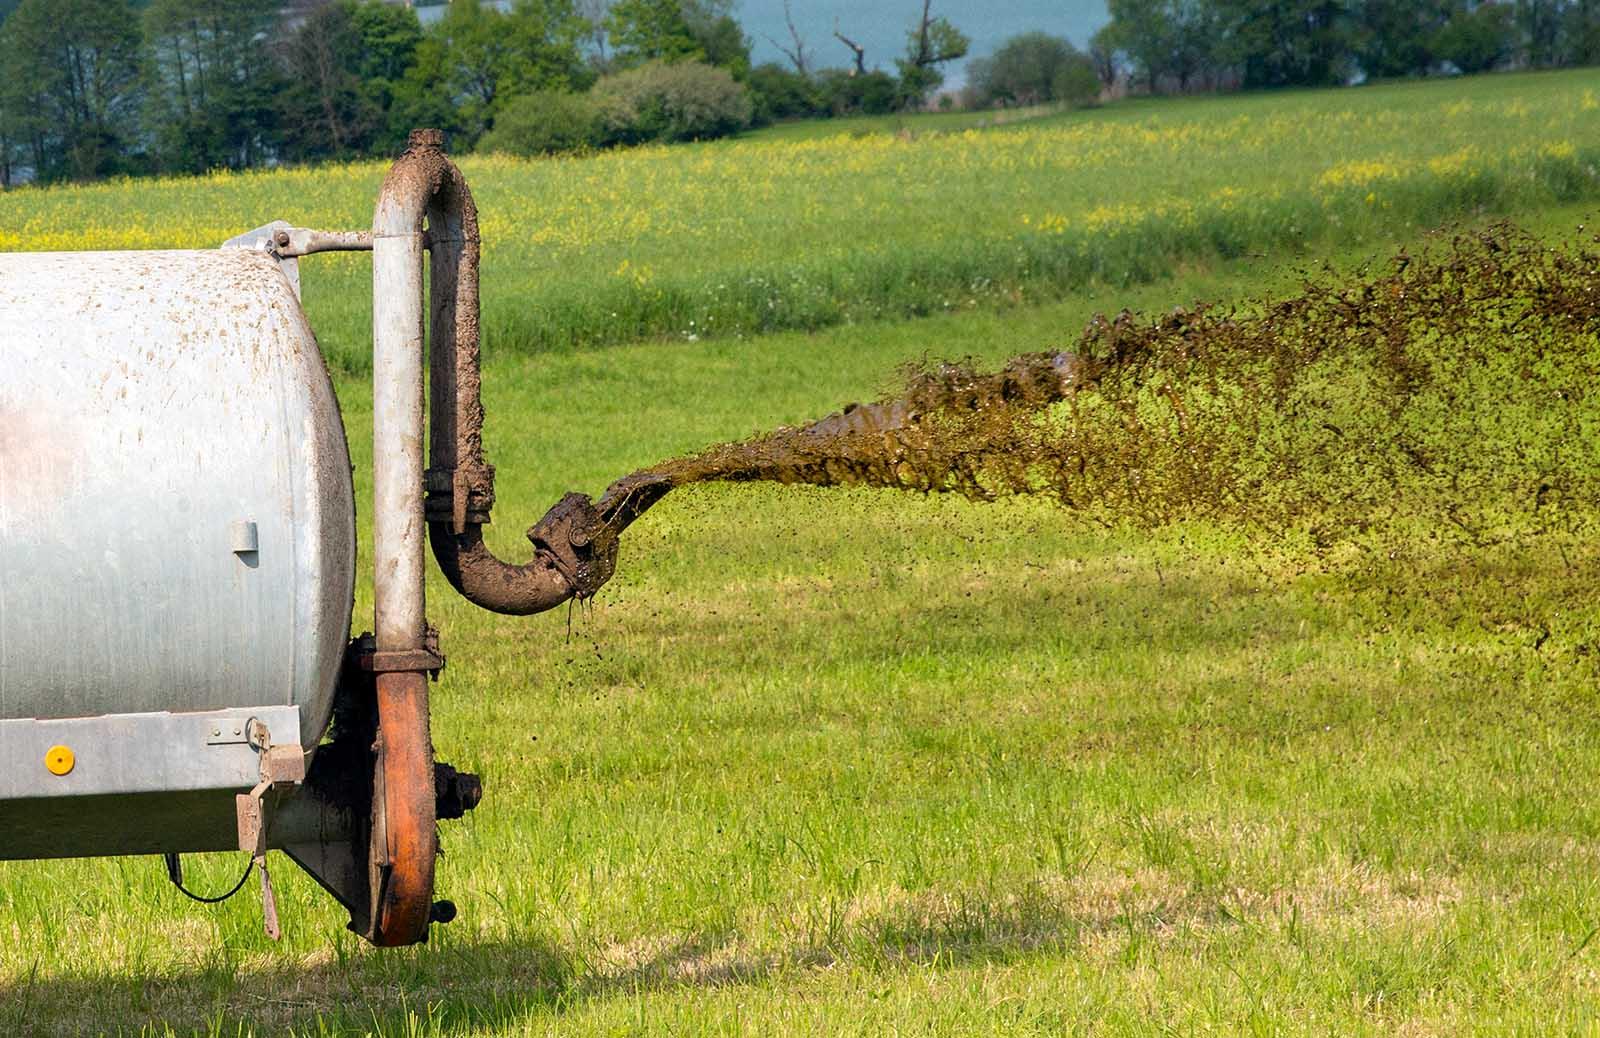 Gülle belastet Böden und Grundwasser